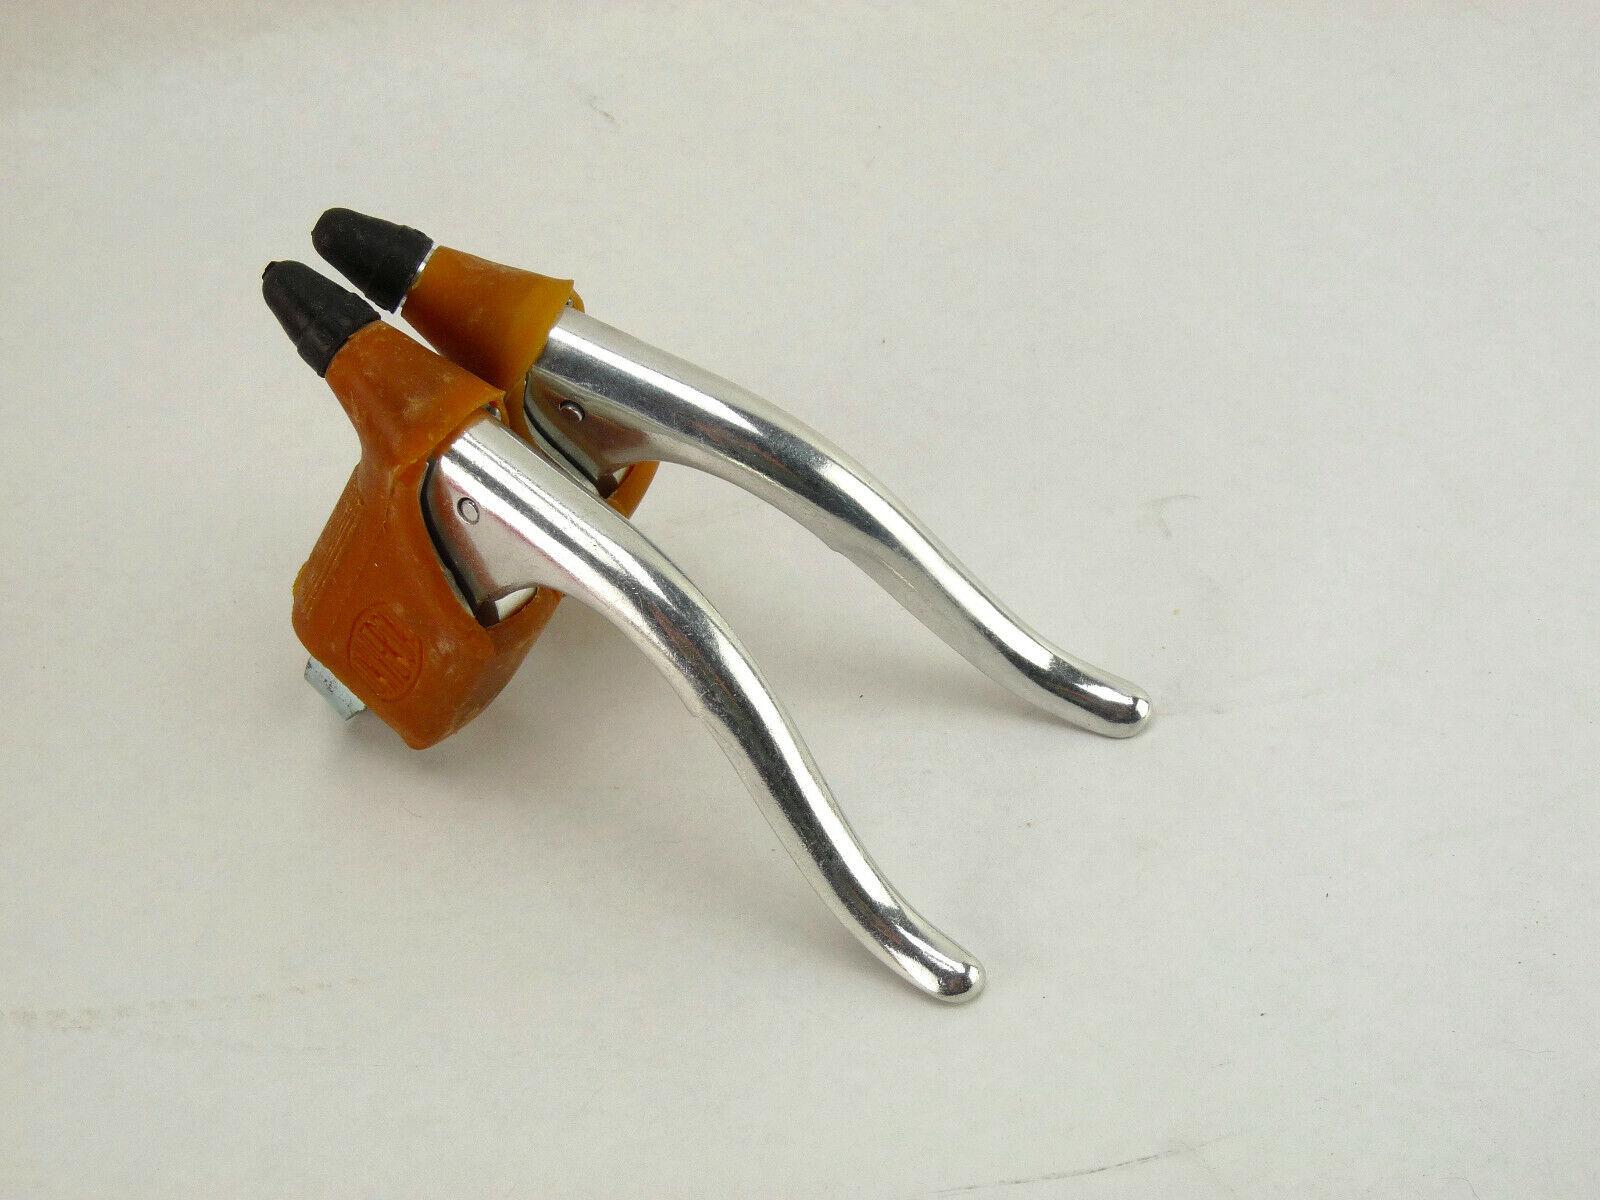 New universal brake hoods 51 61 68 125 model